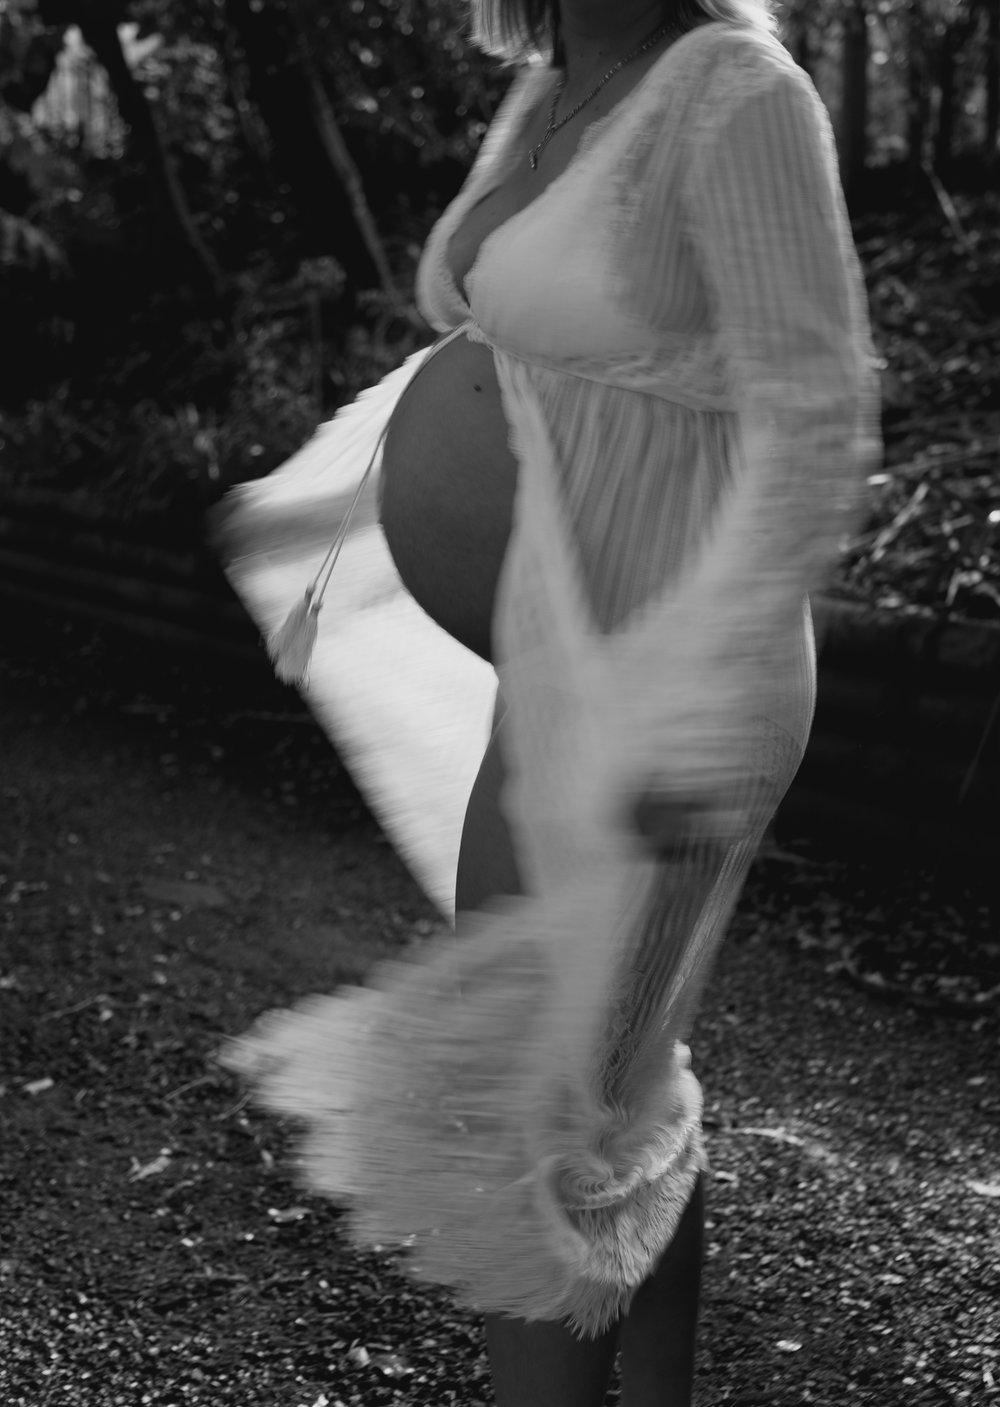 pregnant woman dancing